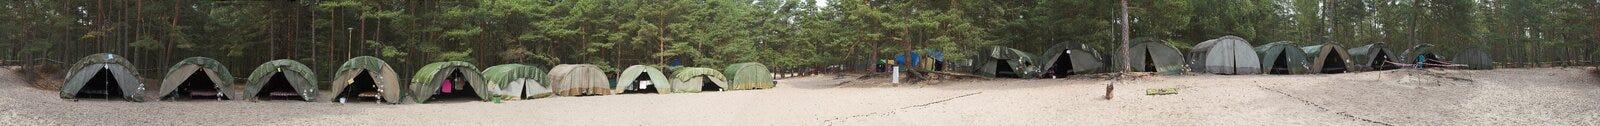 разведчик места для лагеря Стоковые Изображения RF